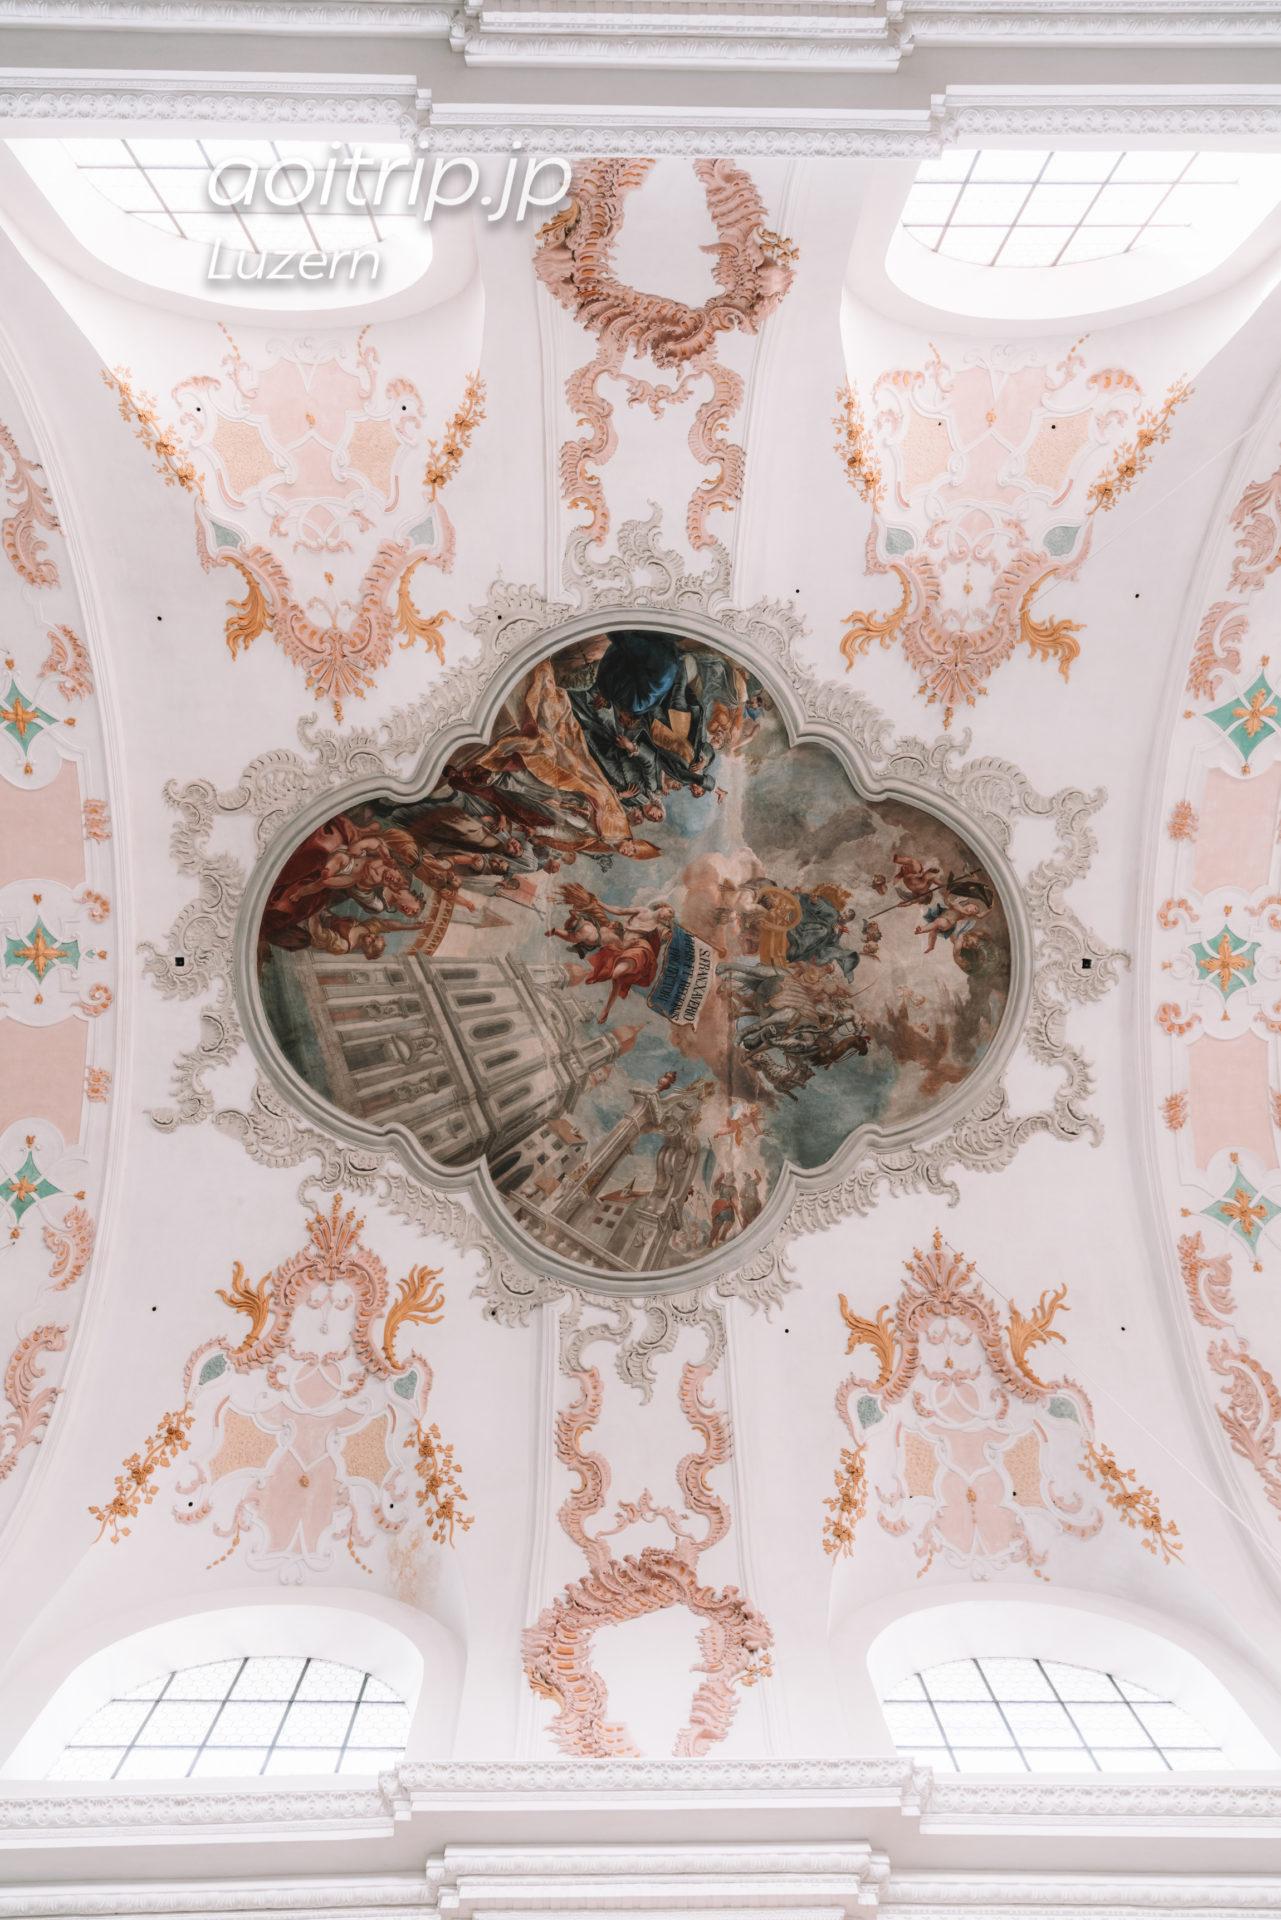 スイス ルツェルンのイエズス会教会(Jesuitenkirche)「Glory of Saint Francis Xavier」のフレスコ画